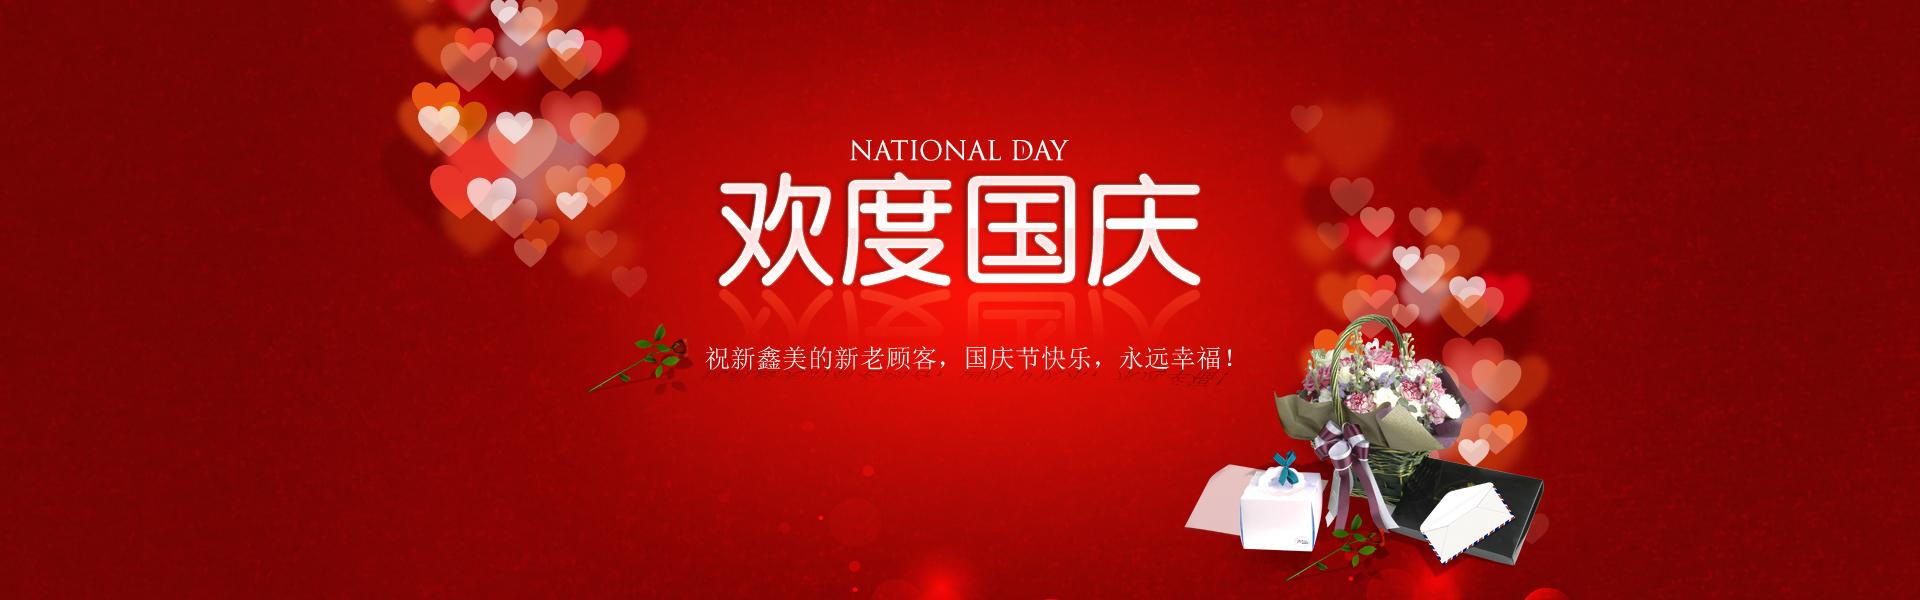 淘宝店铺国庆节活动海报ps设计图片